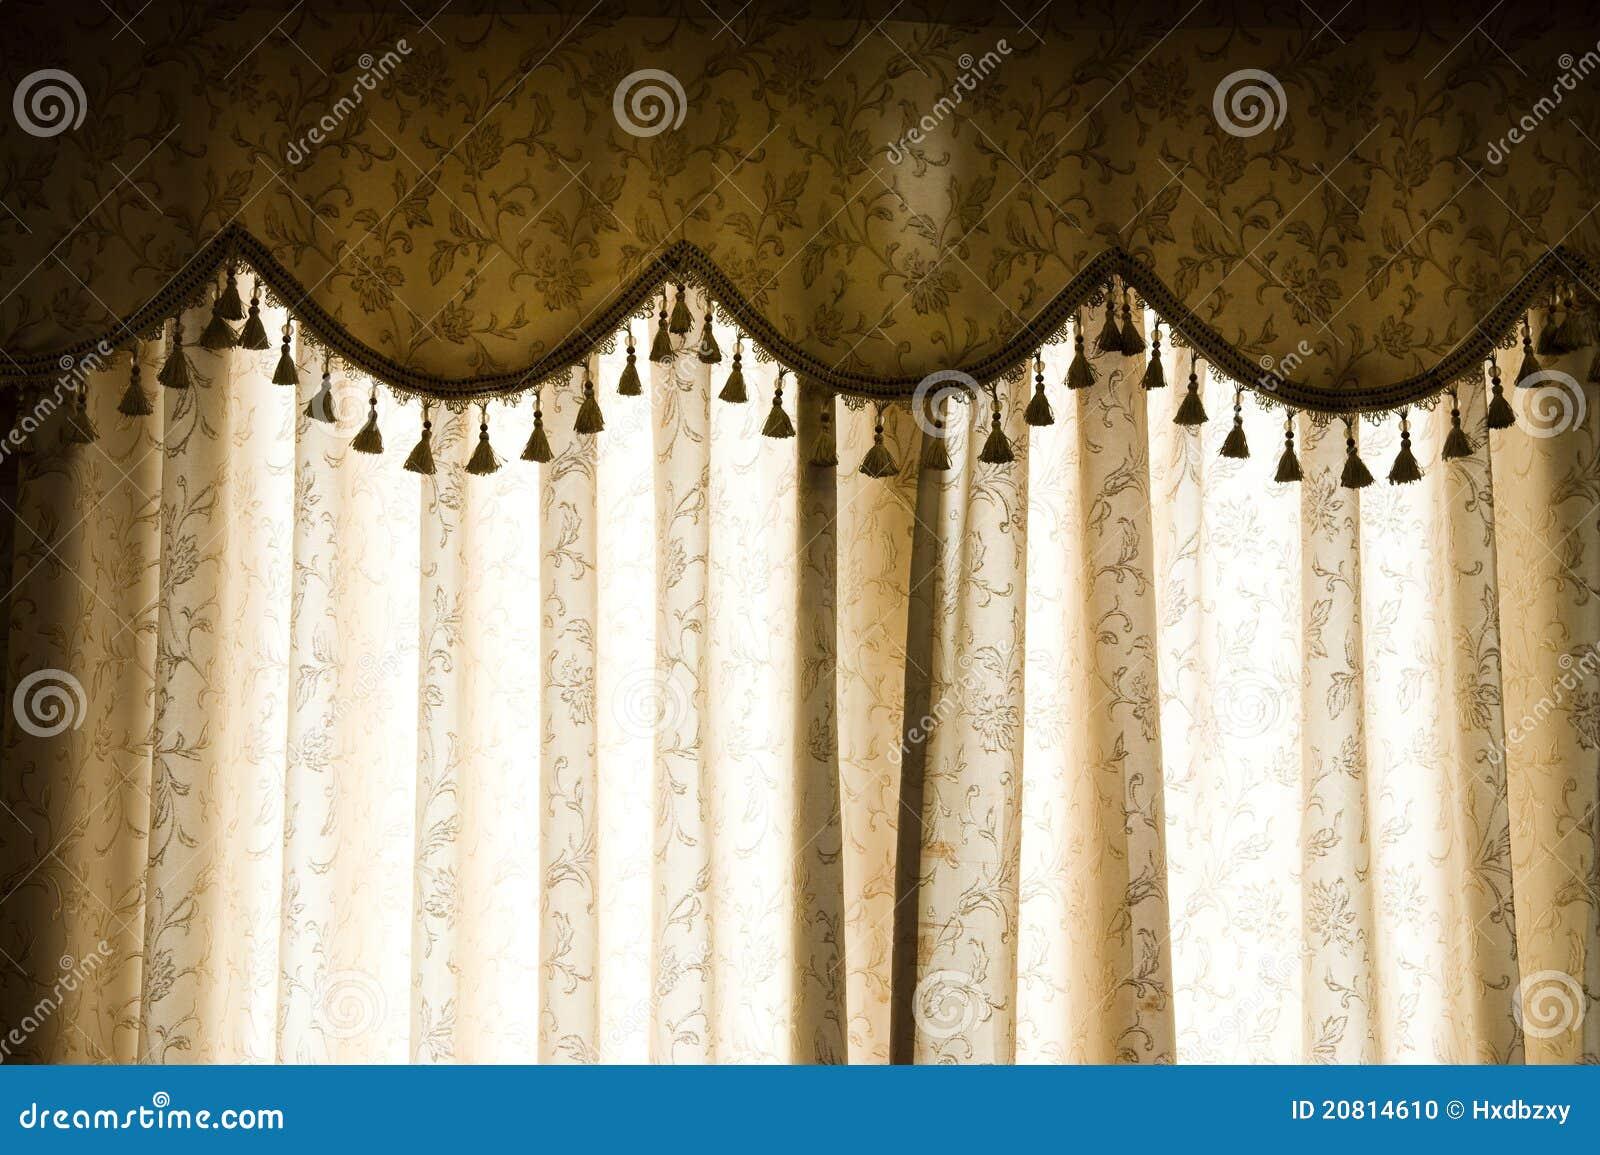 Luxury Curtain Stock Photo Image Of Elegant Domestic